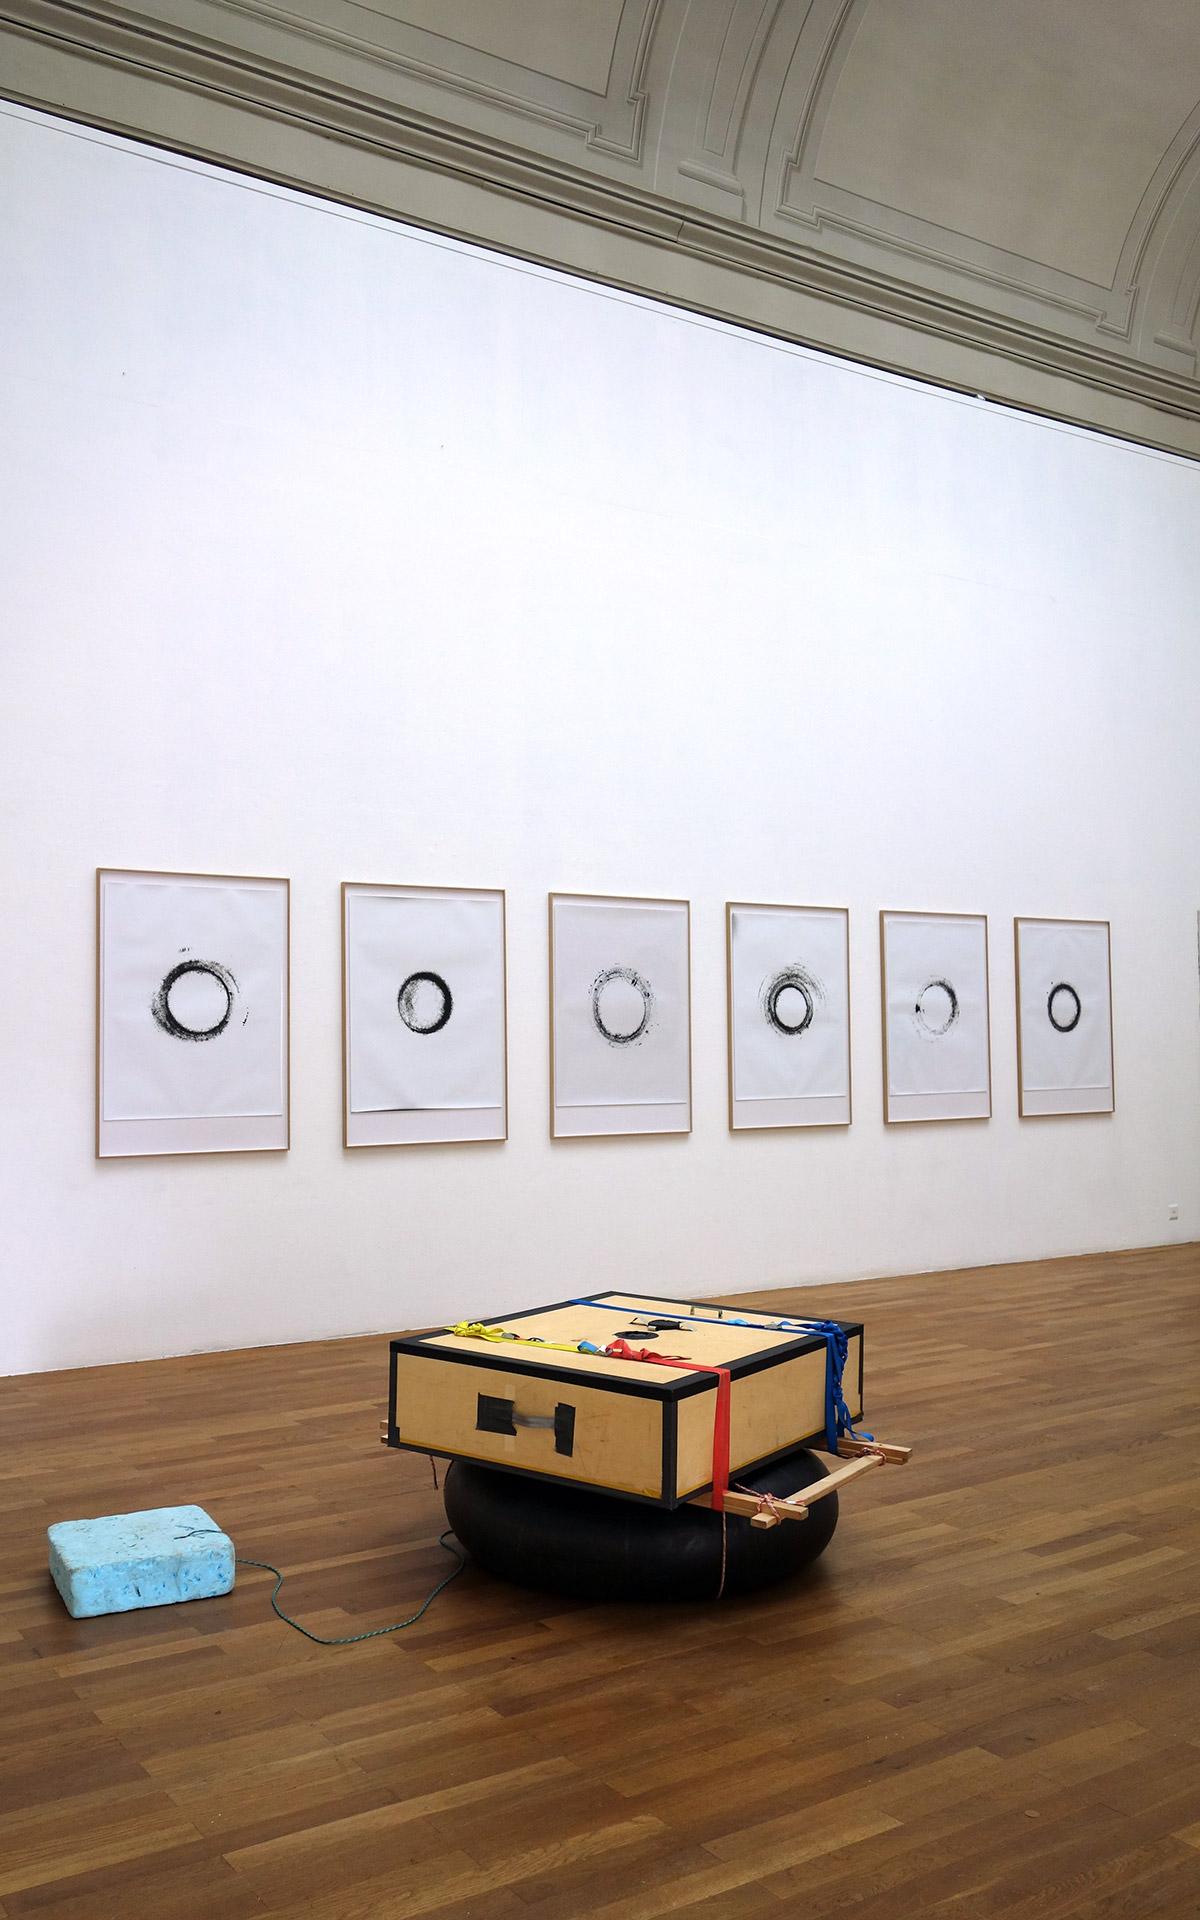 Kopie von Bignia-Wehrli-Kunsthalle-Winterthur-2018-5